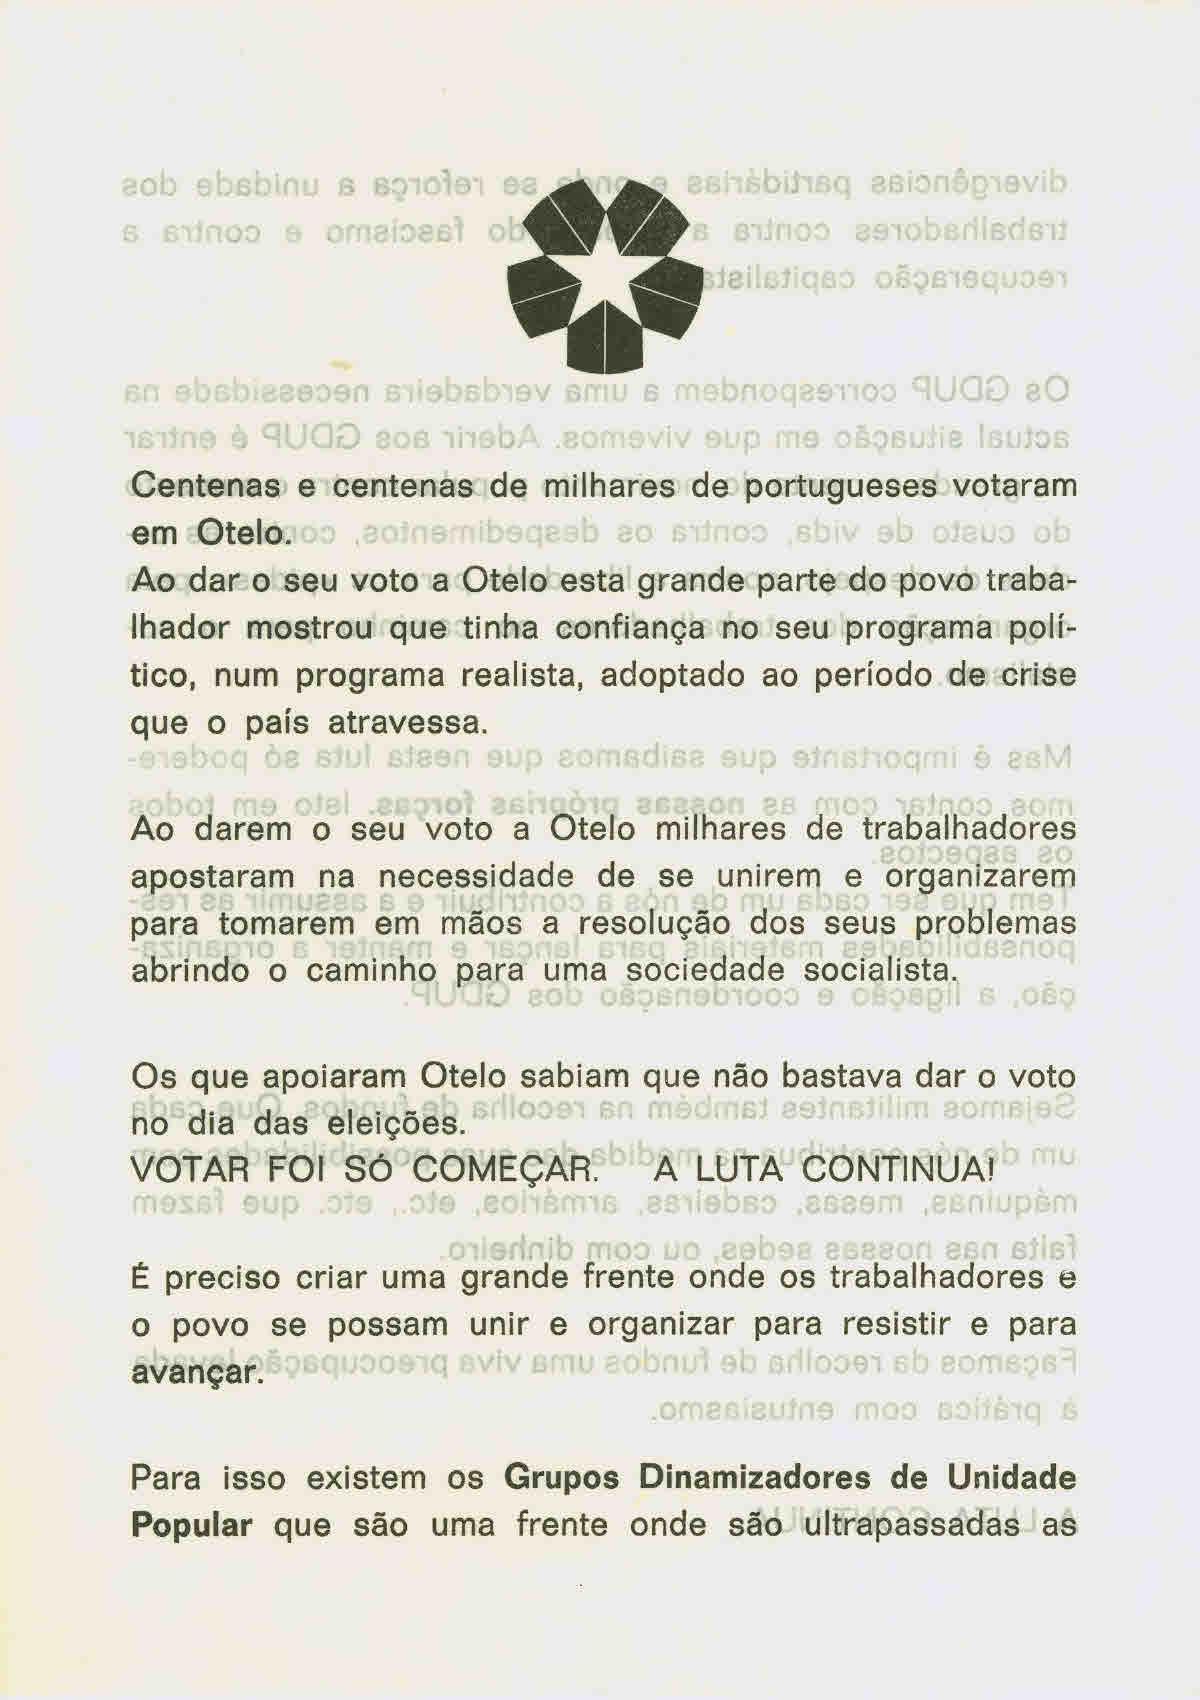 Centenas e centenas de milhares de portugueses